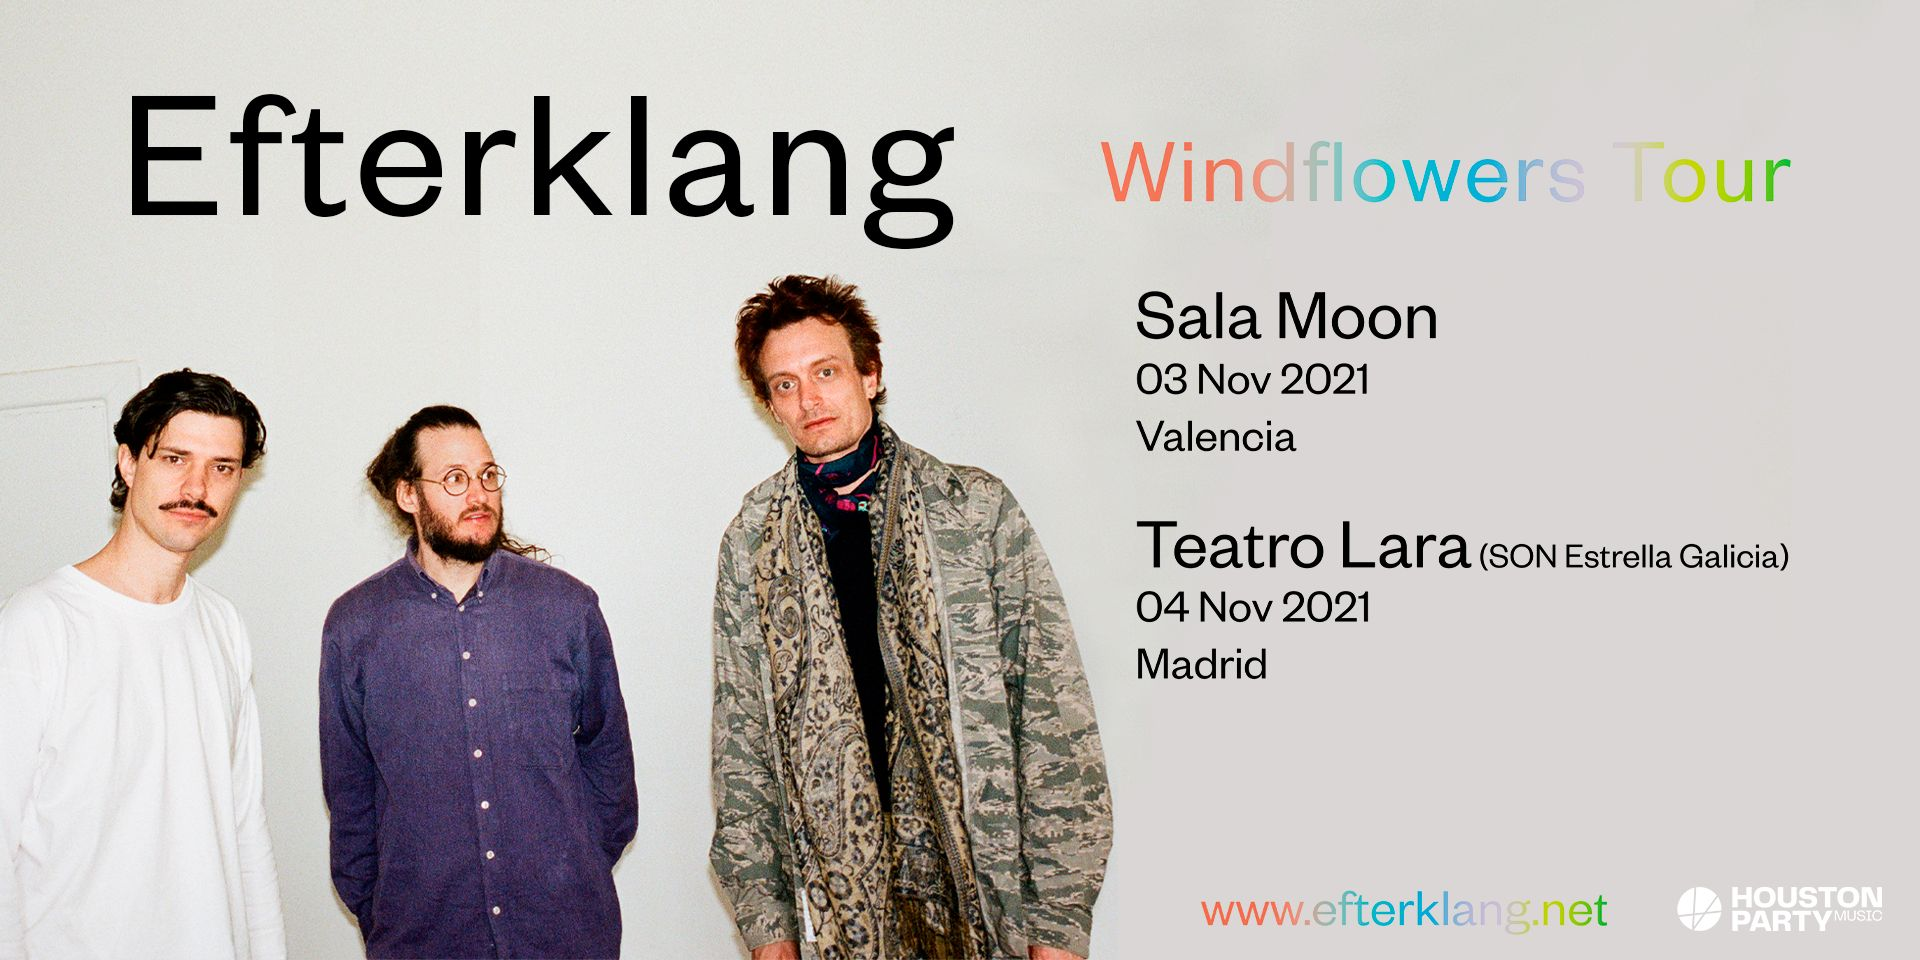 Efterklang actuarán este noviembre en Valencia y Madrid